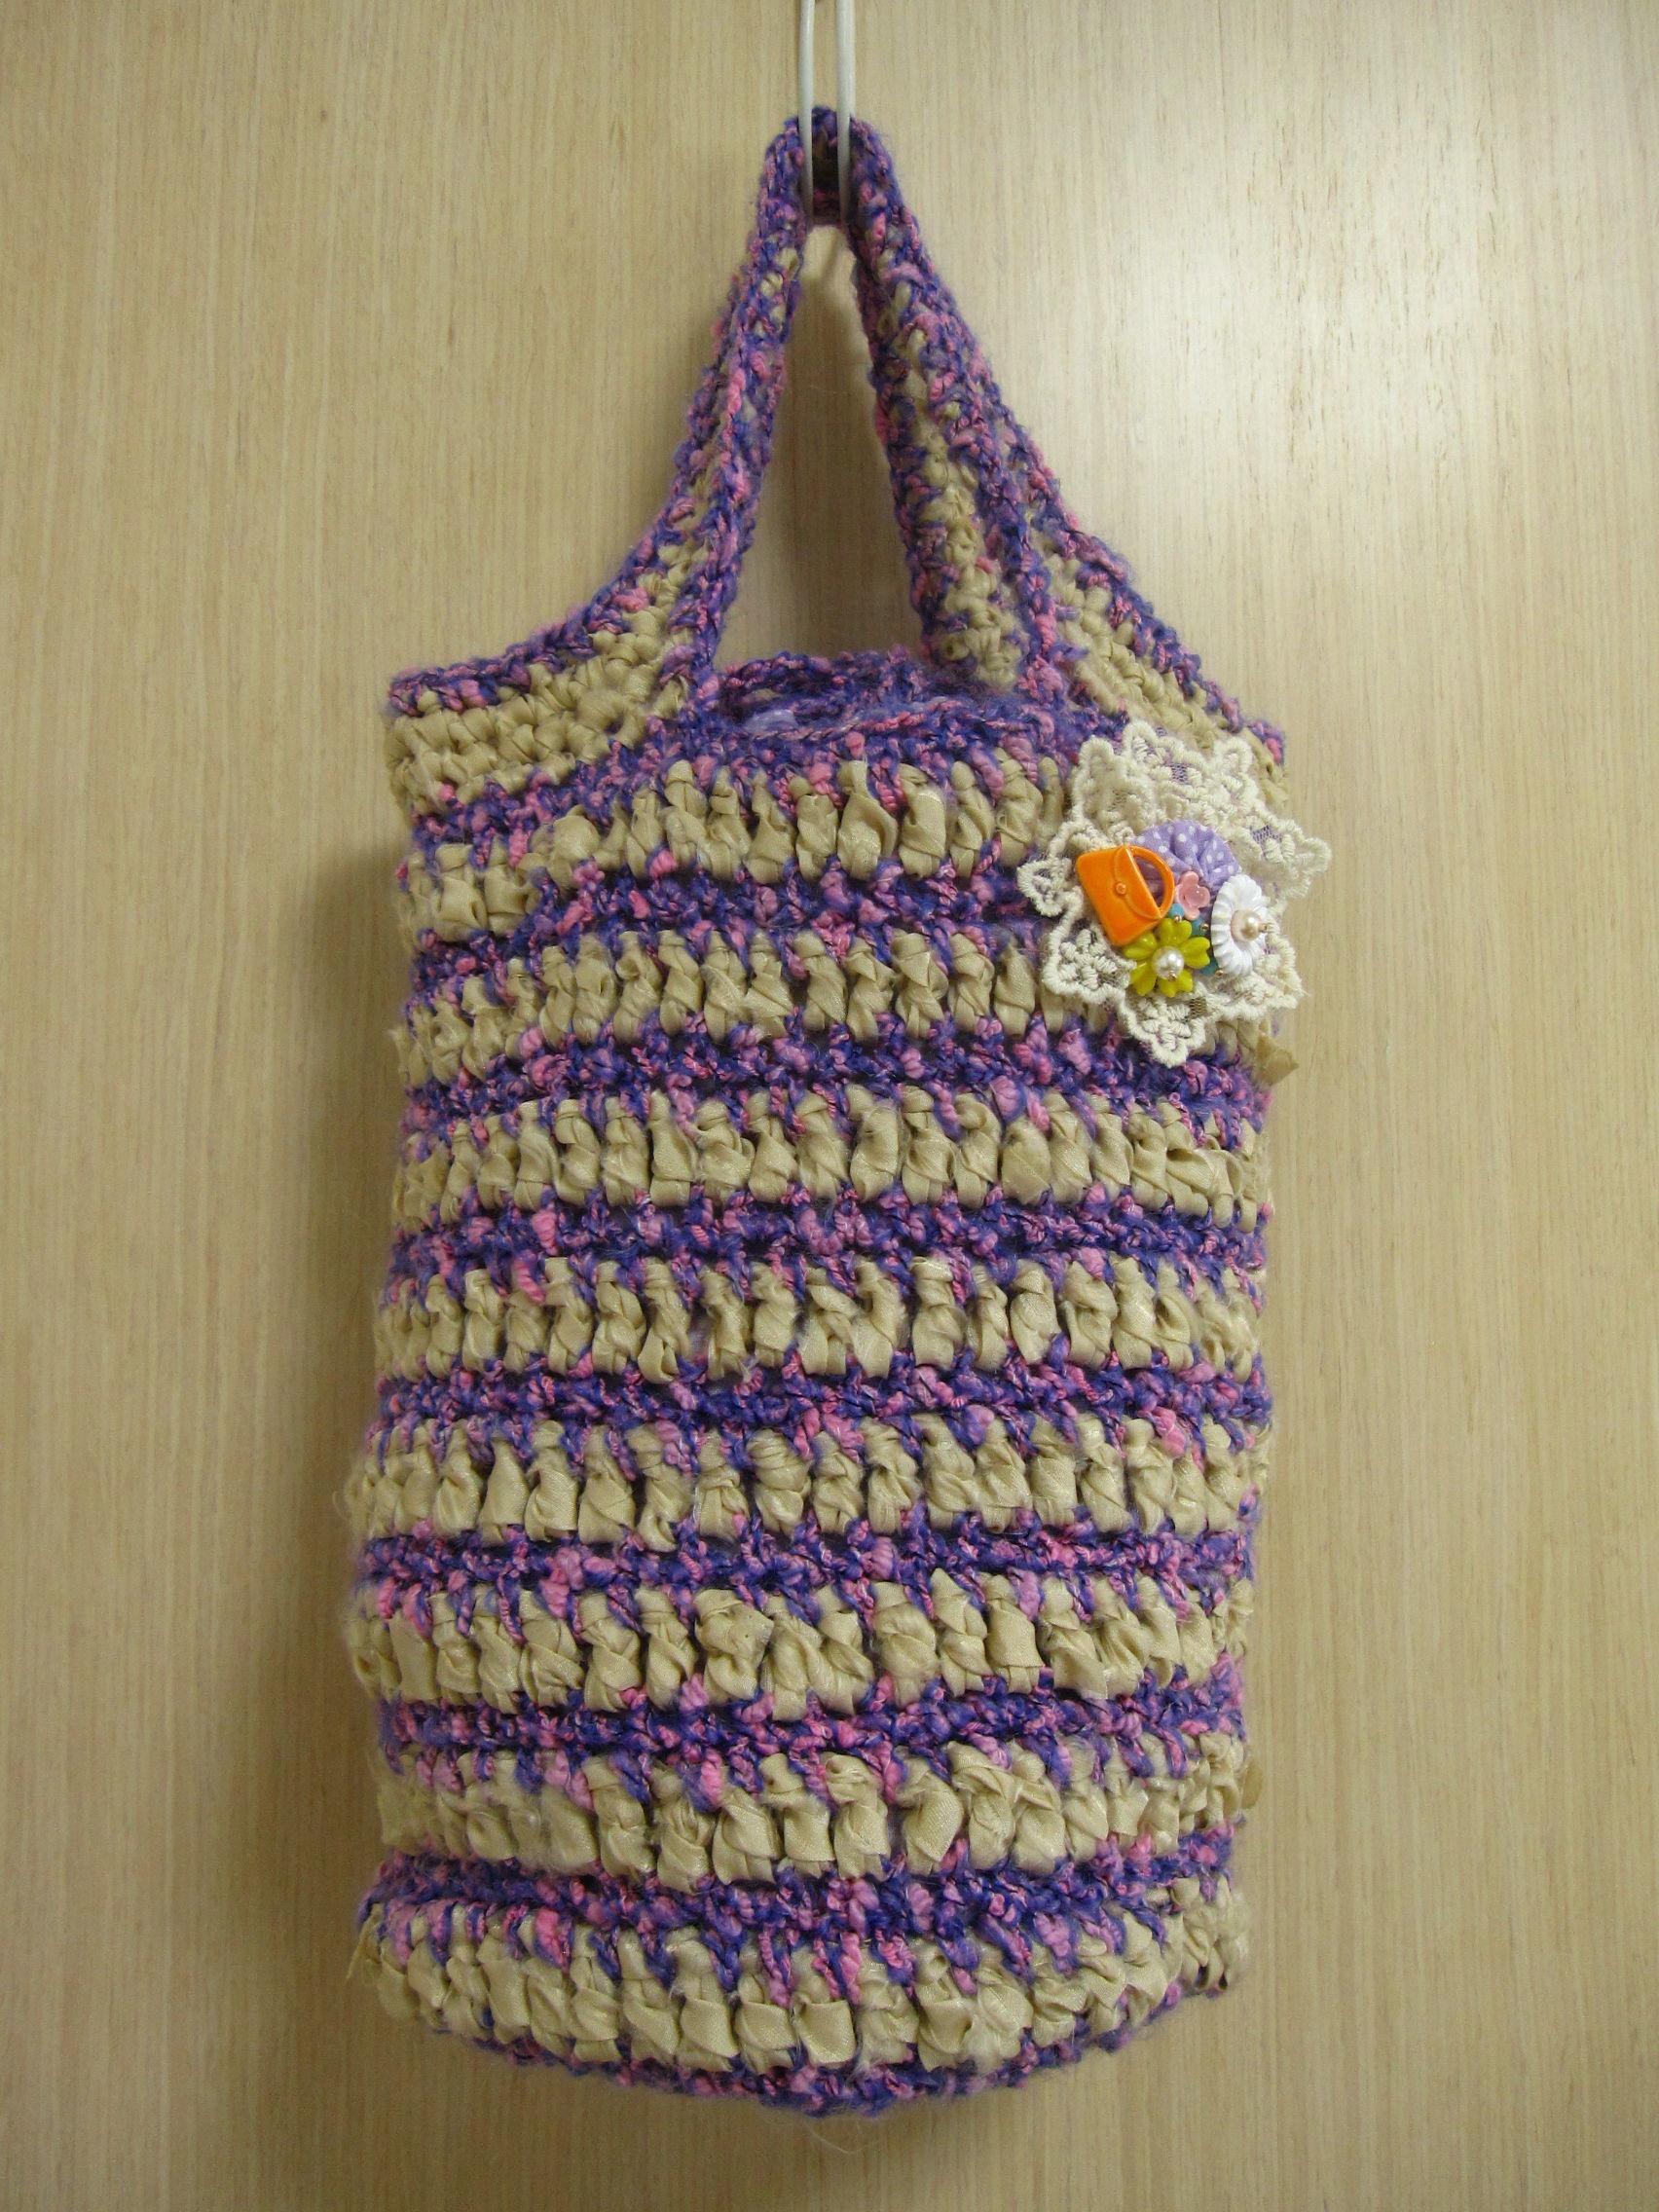 裂き生地と綿毛糸のニットバッグ(薄紫×ベージュ)